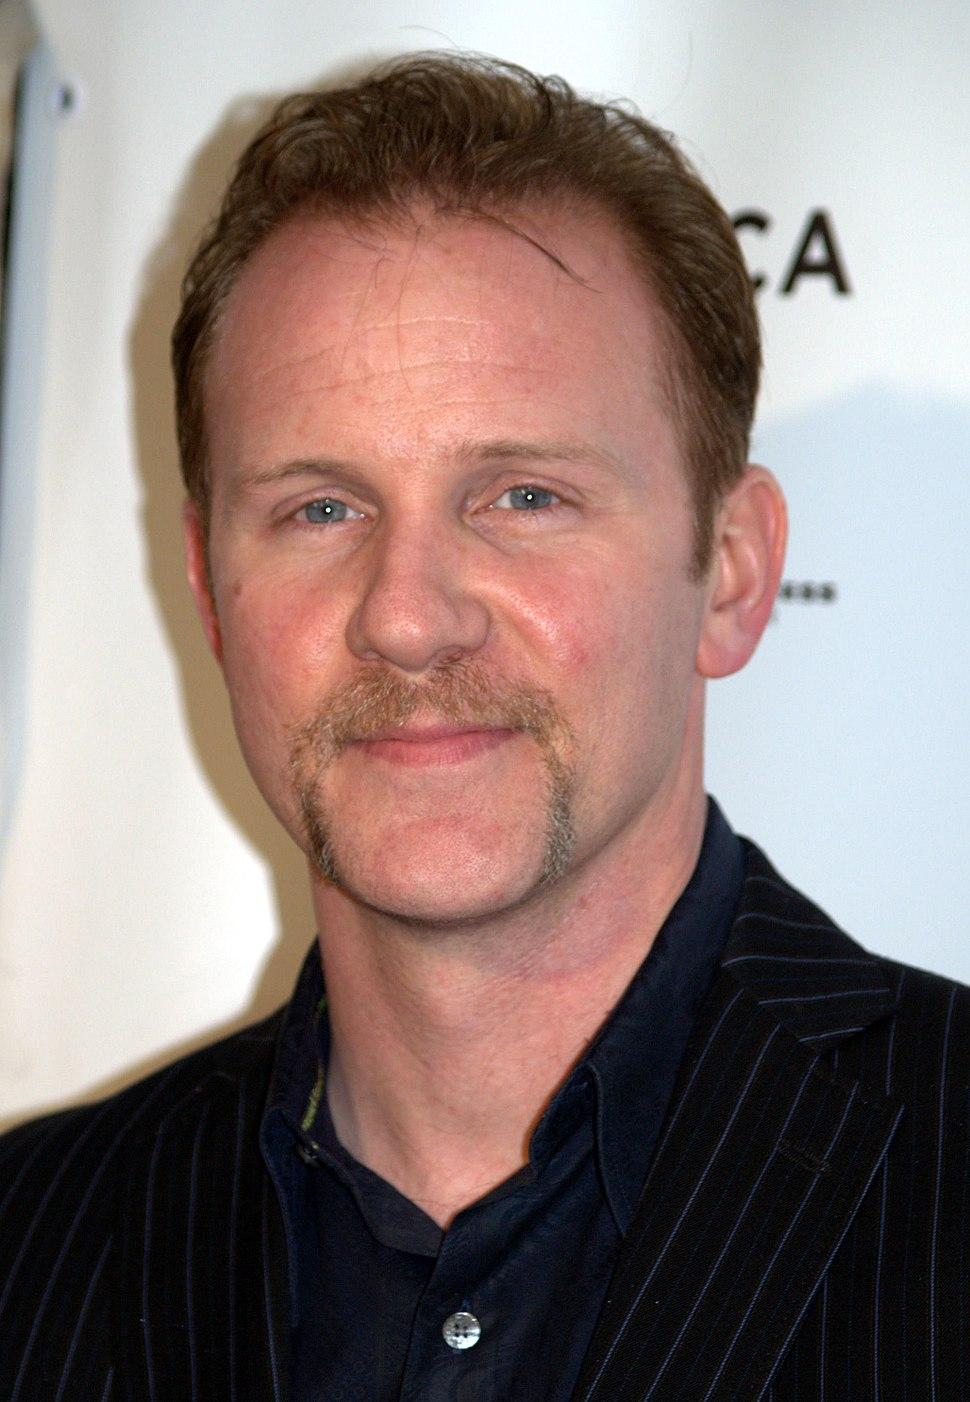 Morgan Spurlock at the Tribeca Film Festival